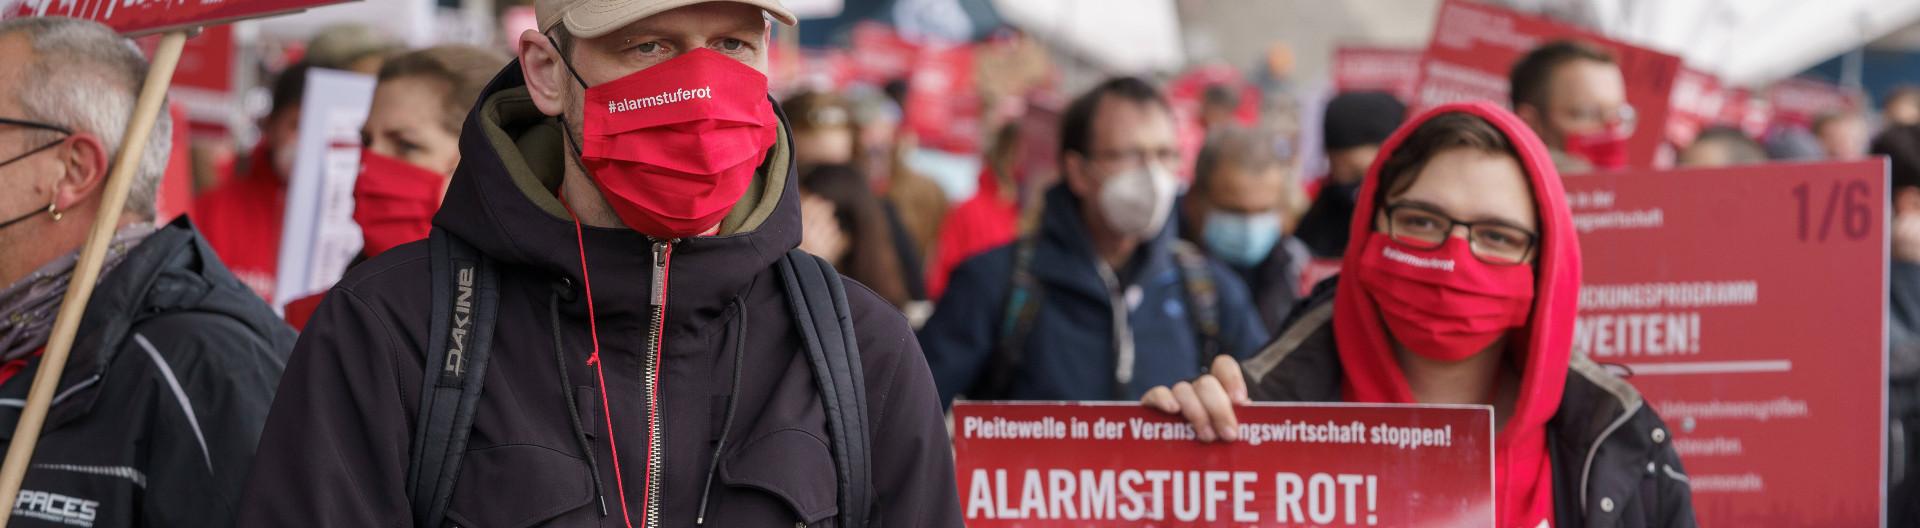 """Demo der Gruppe """"Alarmstufe Rot"""" der Veranstaltungsbranche in Berlin am 28. Oktober 2020"""